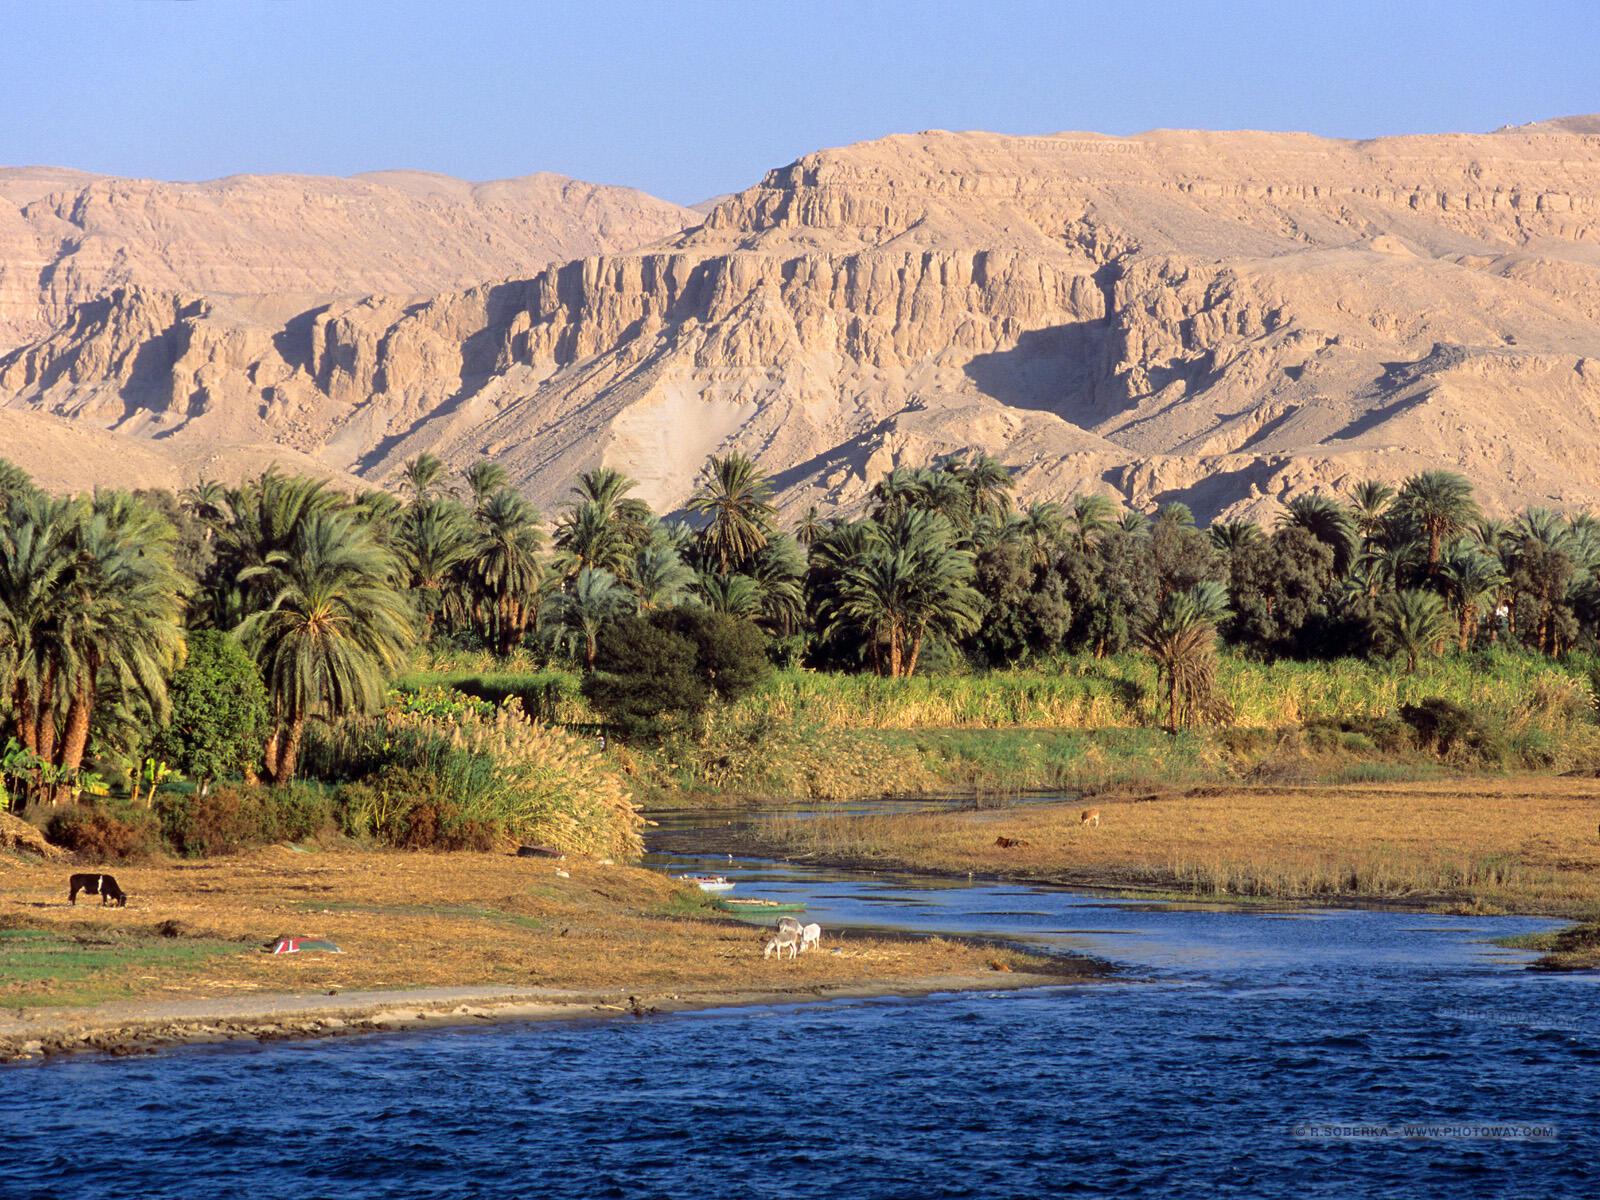 A paisagem paradisíaca do rio Nilo, no Egito, é palco de festas.